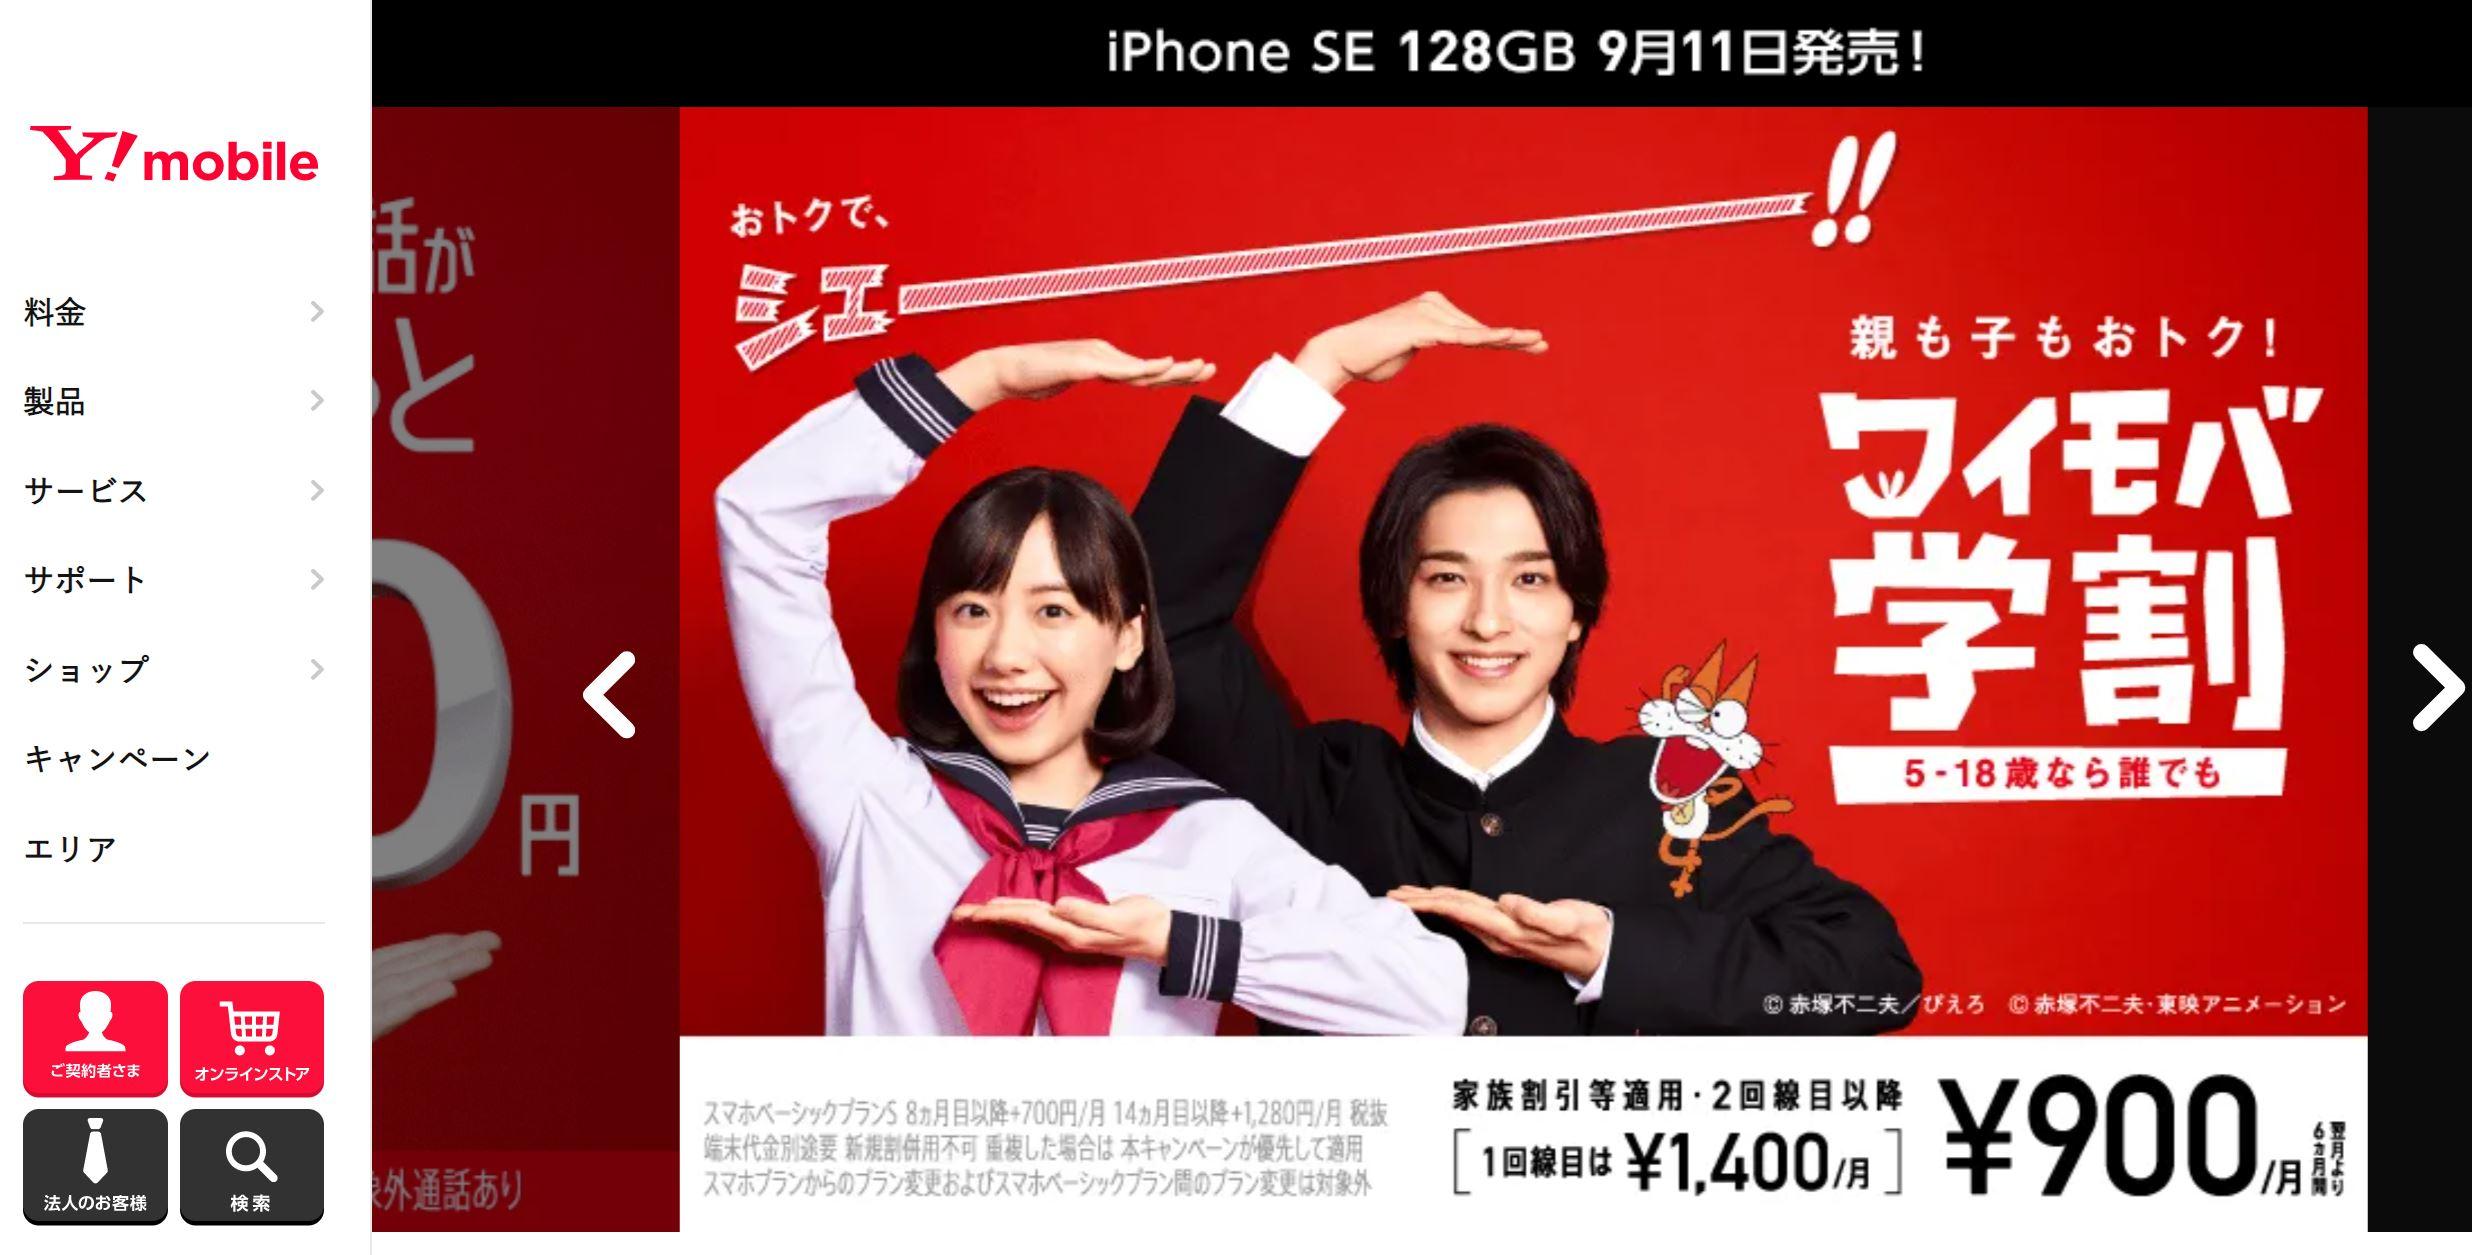 iPad_中古_おすすめ_Y!mobile